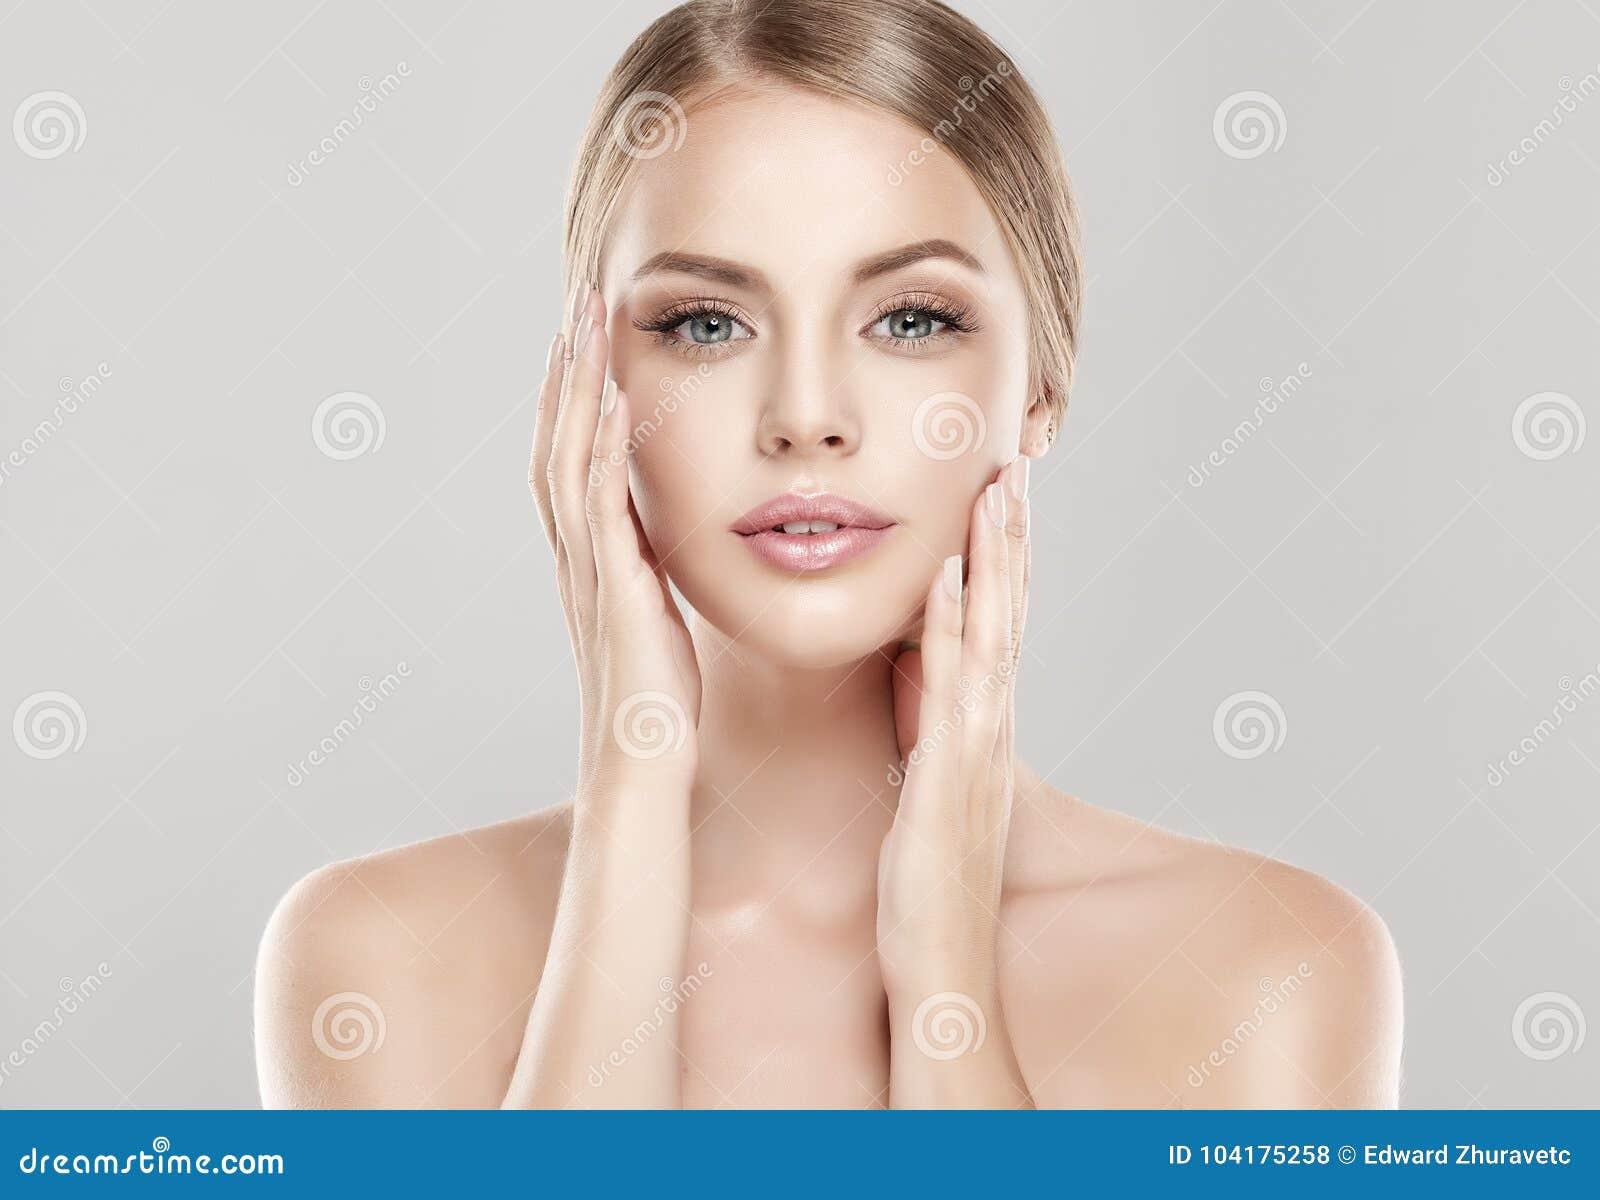 Stående av den unga kvinnan med ren ny hud och mjukt delikat smink Kvinnan är rörande ömt till egen framsida